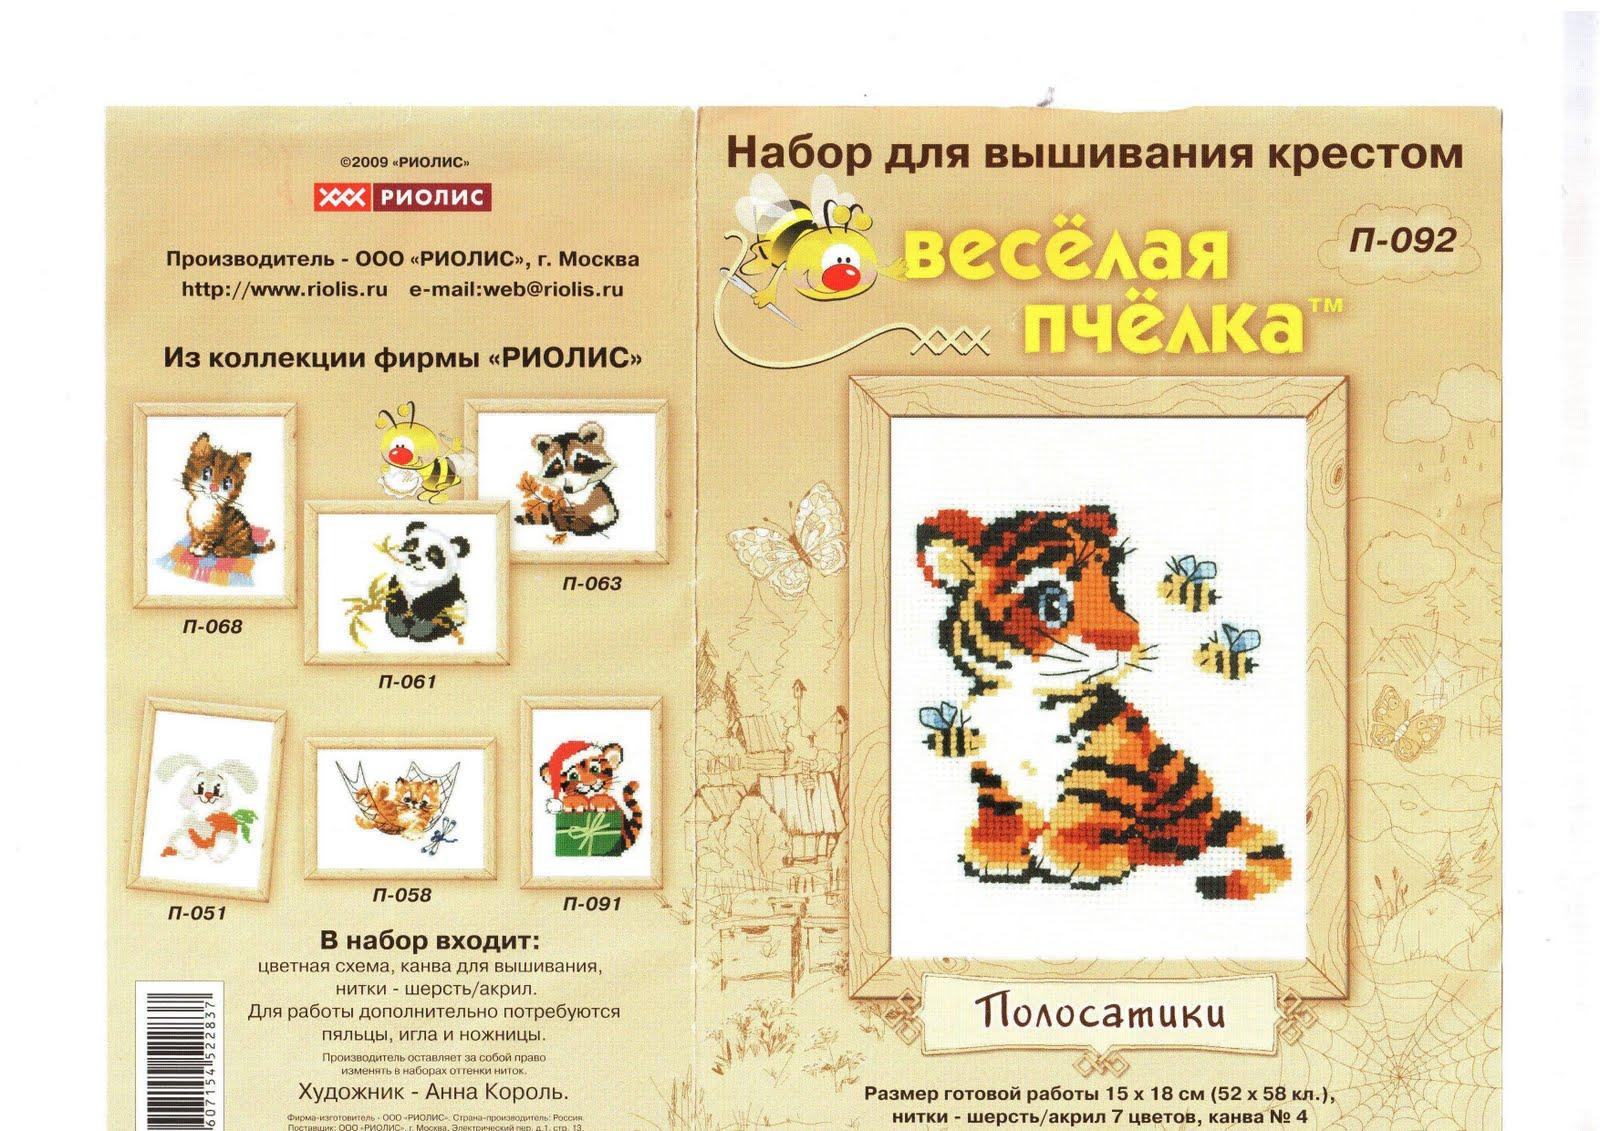 Копилка Хозяюшки  Для детей  Приглашения на детский день